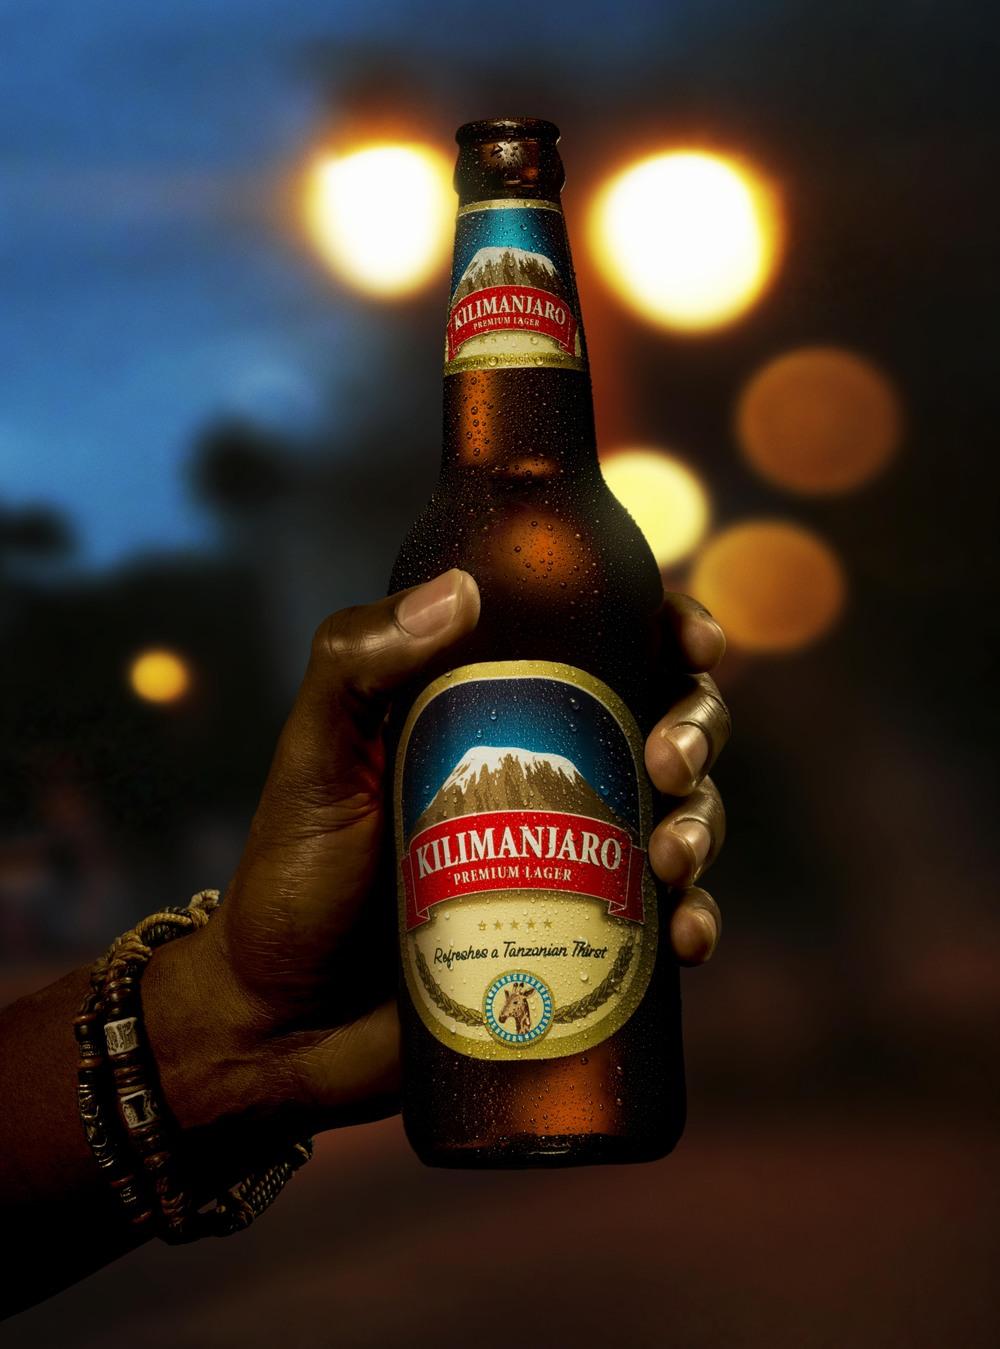 JKnowles_Kilimanjaro_0028_V10 copy.jpg